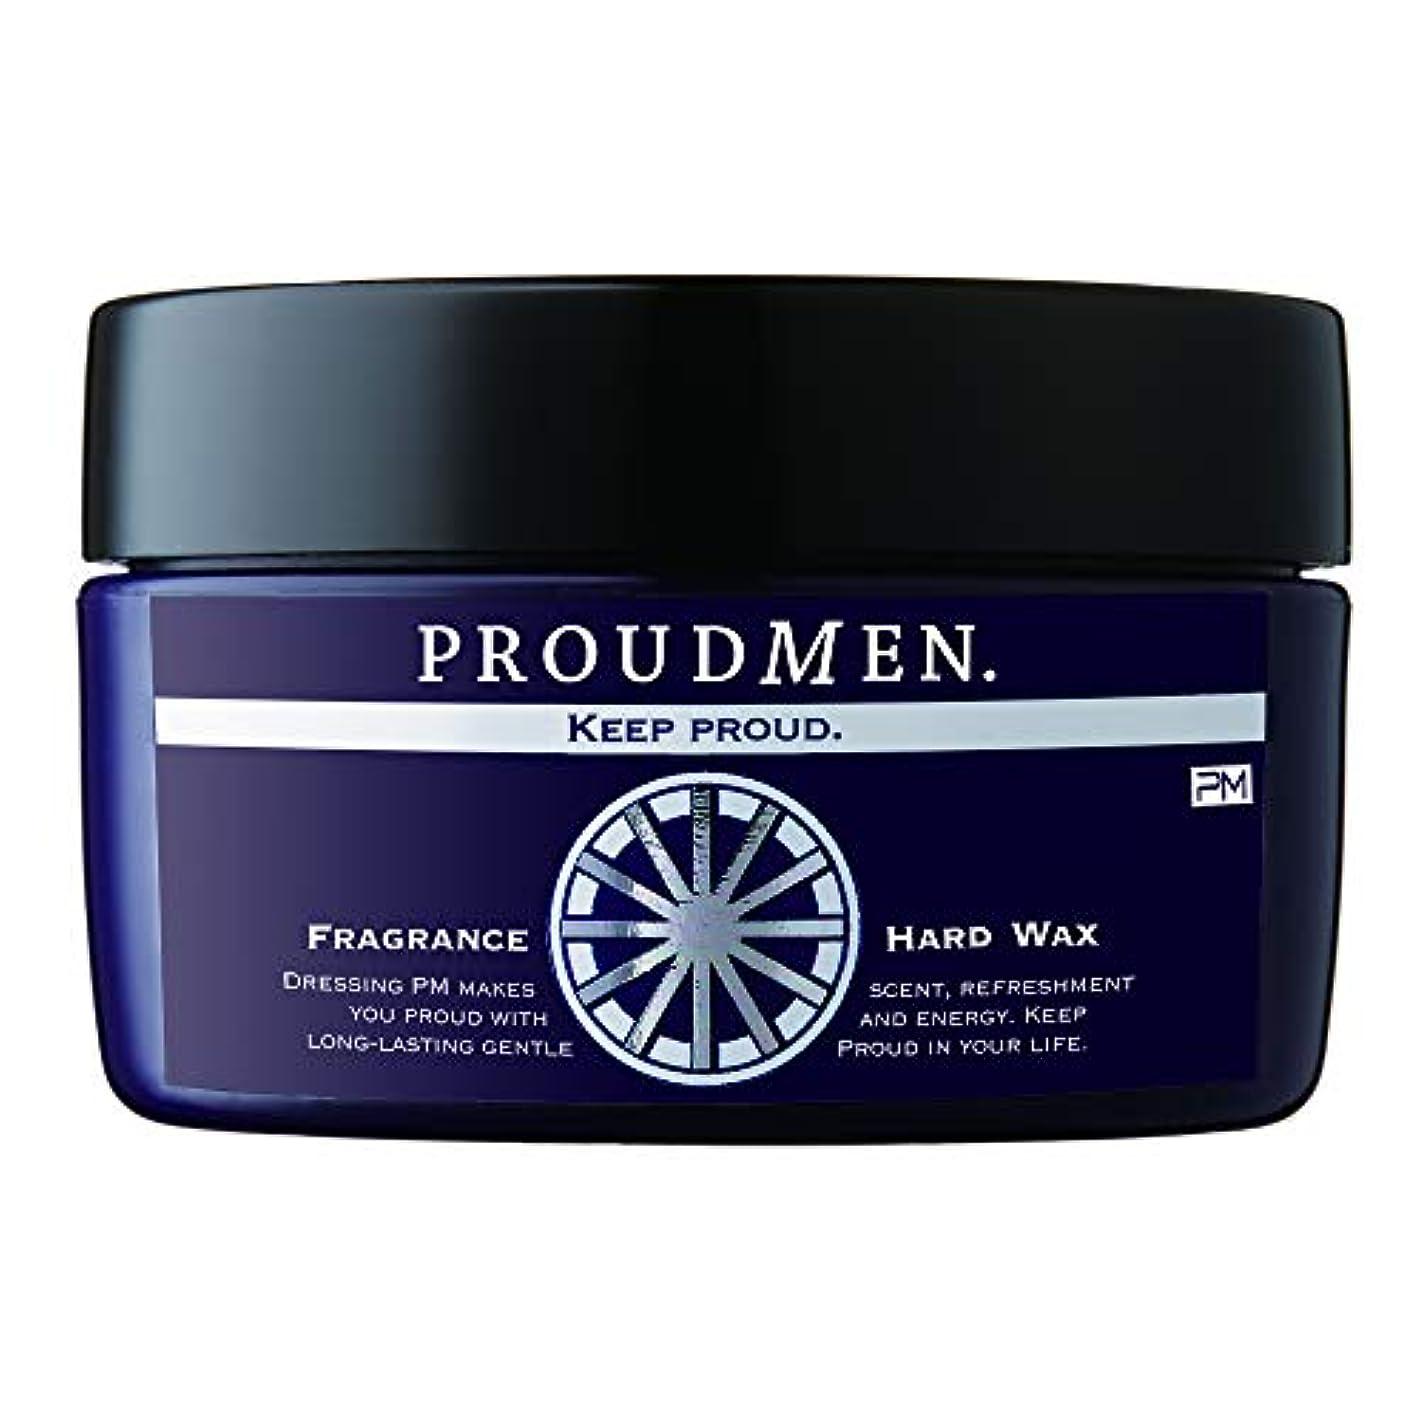 オープナー合法蒸発するプラウドメン フレグランスハードワックス 60g (グルーミング?シトラスの香り) 整髪料 スタイリング剤 ヘアワックス メンズ 男性